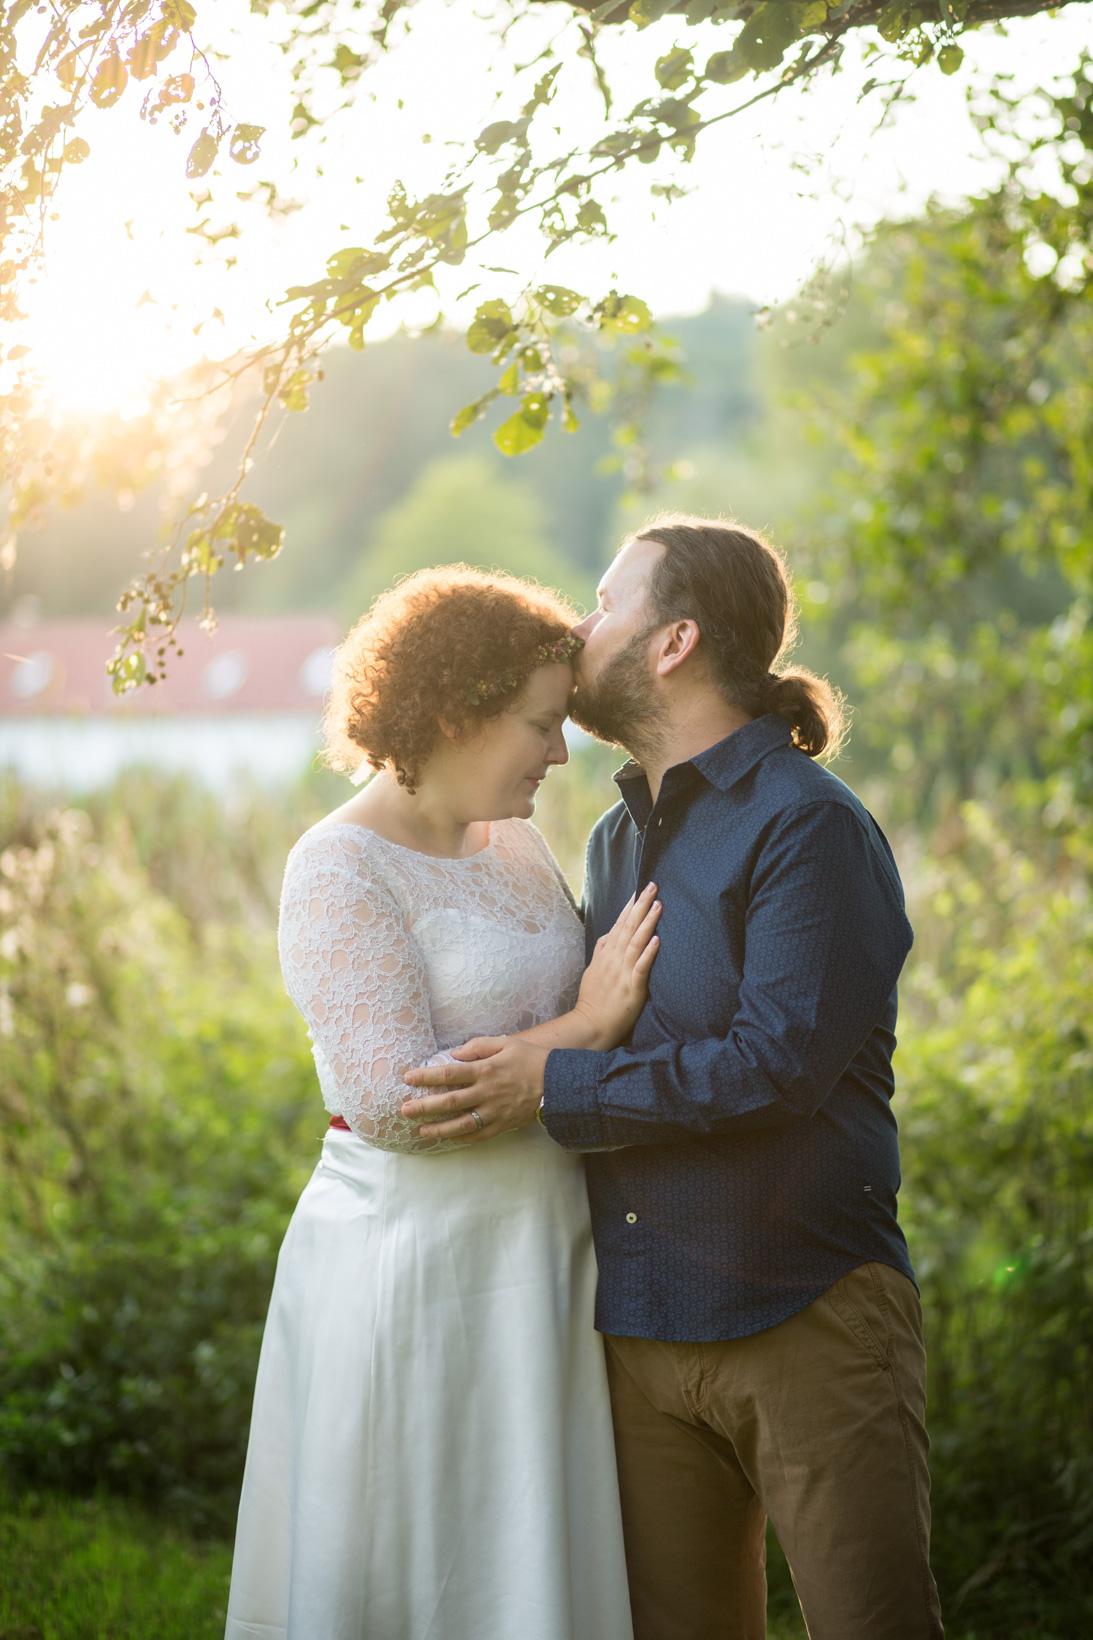 Portrét novomanželů v odpoledním slunci